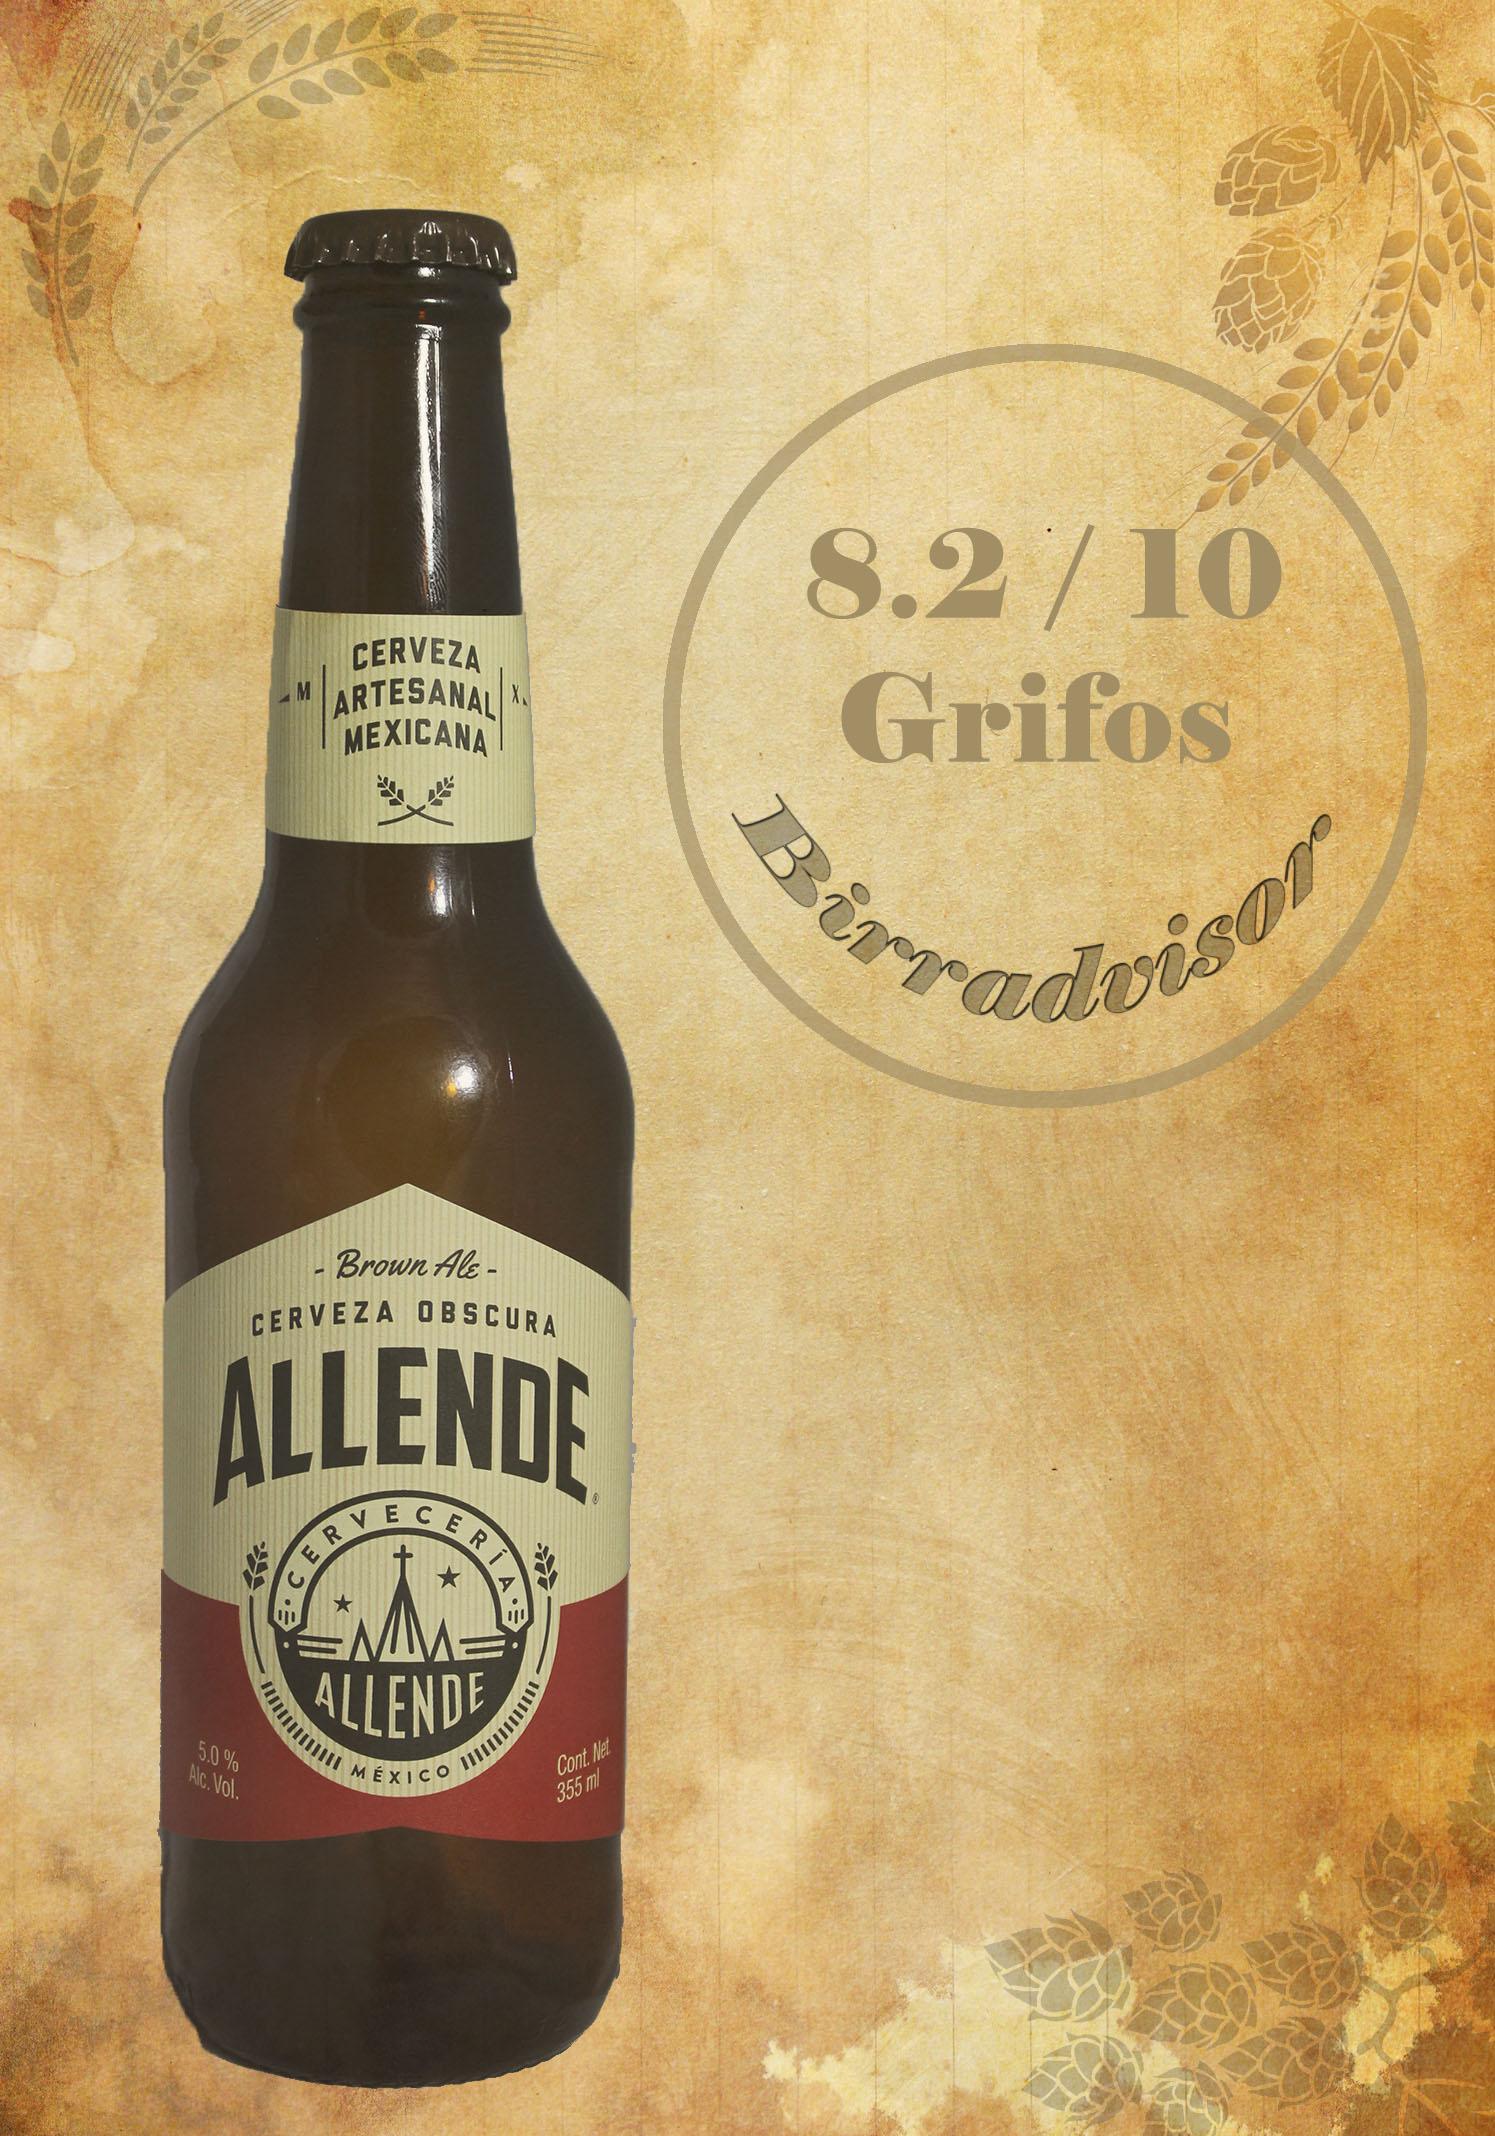 allende (cerveza obsucura).jpg